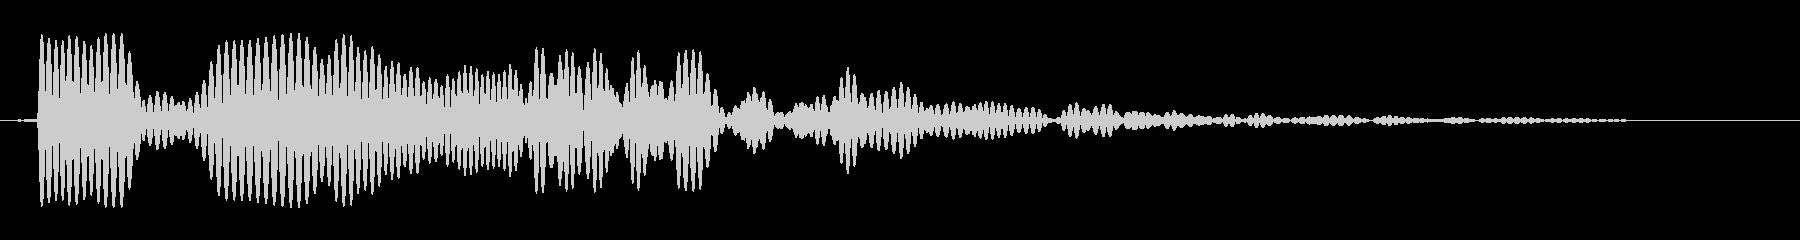 ドボーンと小さく響く効果音の未再生の波形